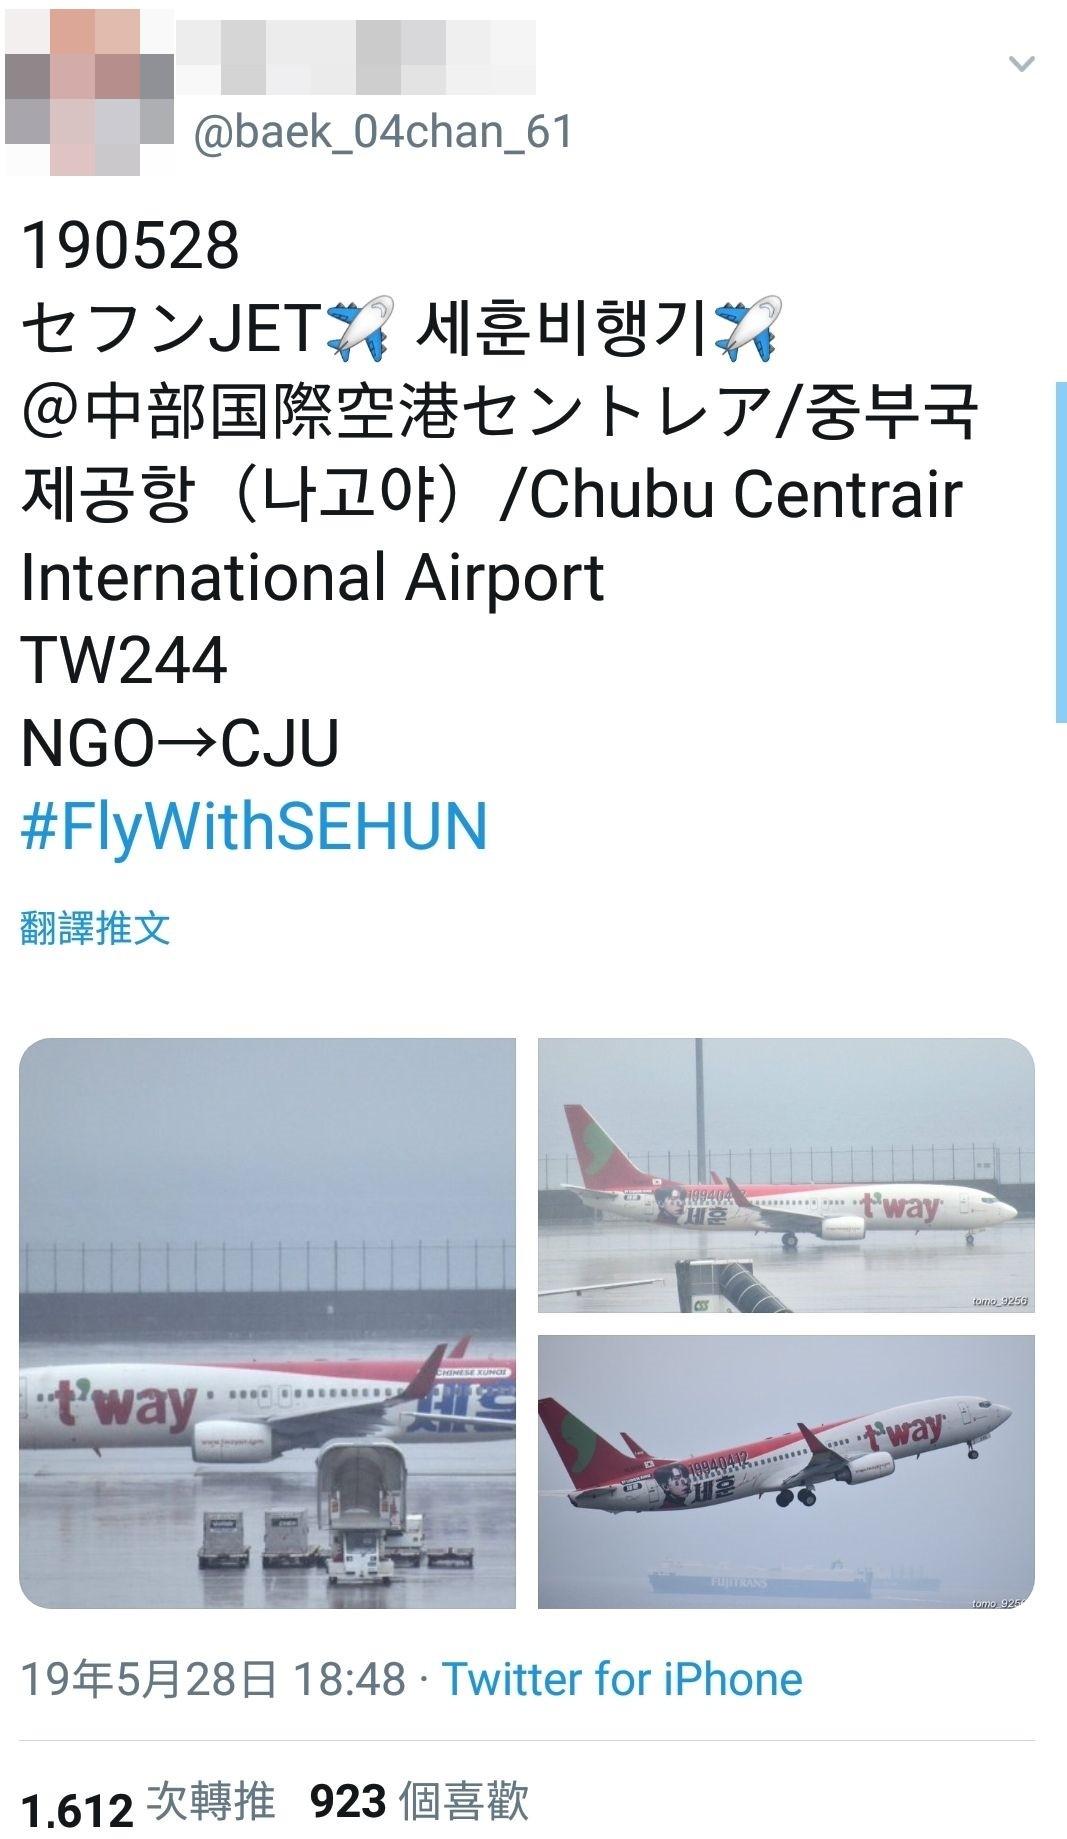 ▲▼世勳25歲的生日應援竟然是飛機應援。(圖/翻攝自Twitter/baek_04chan_61)